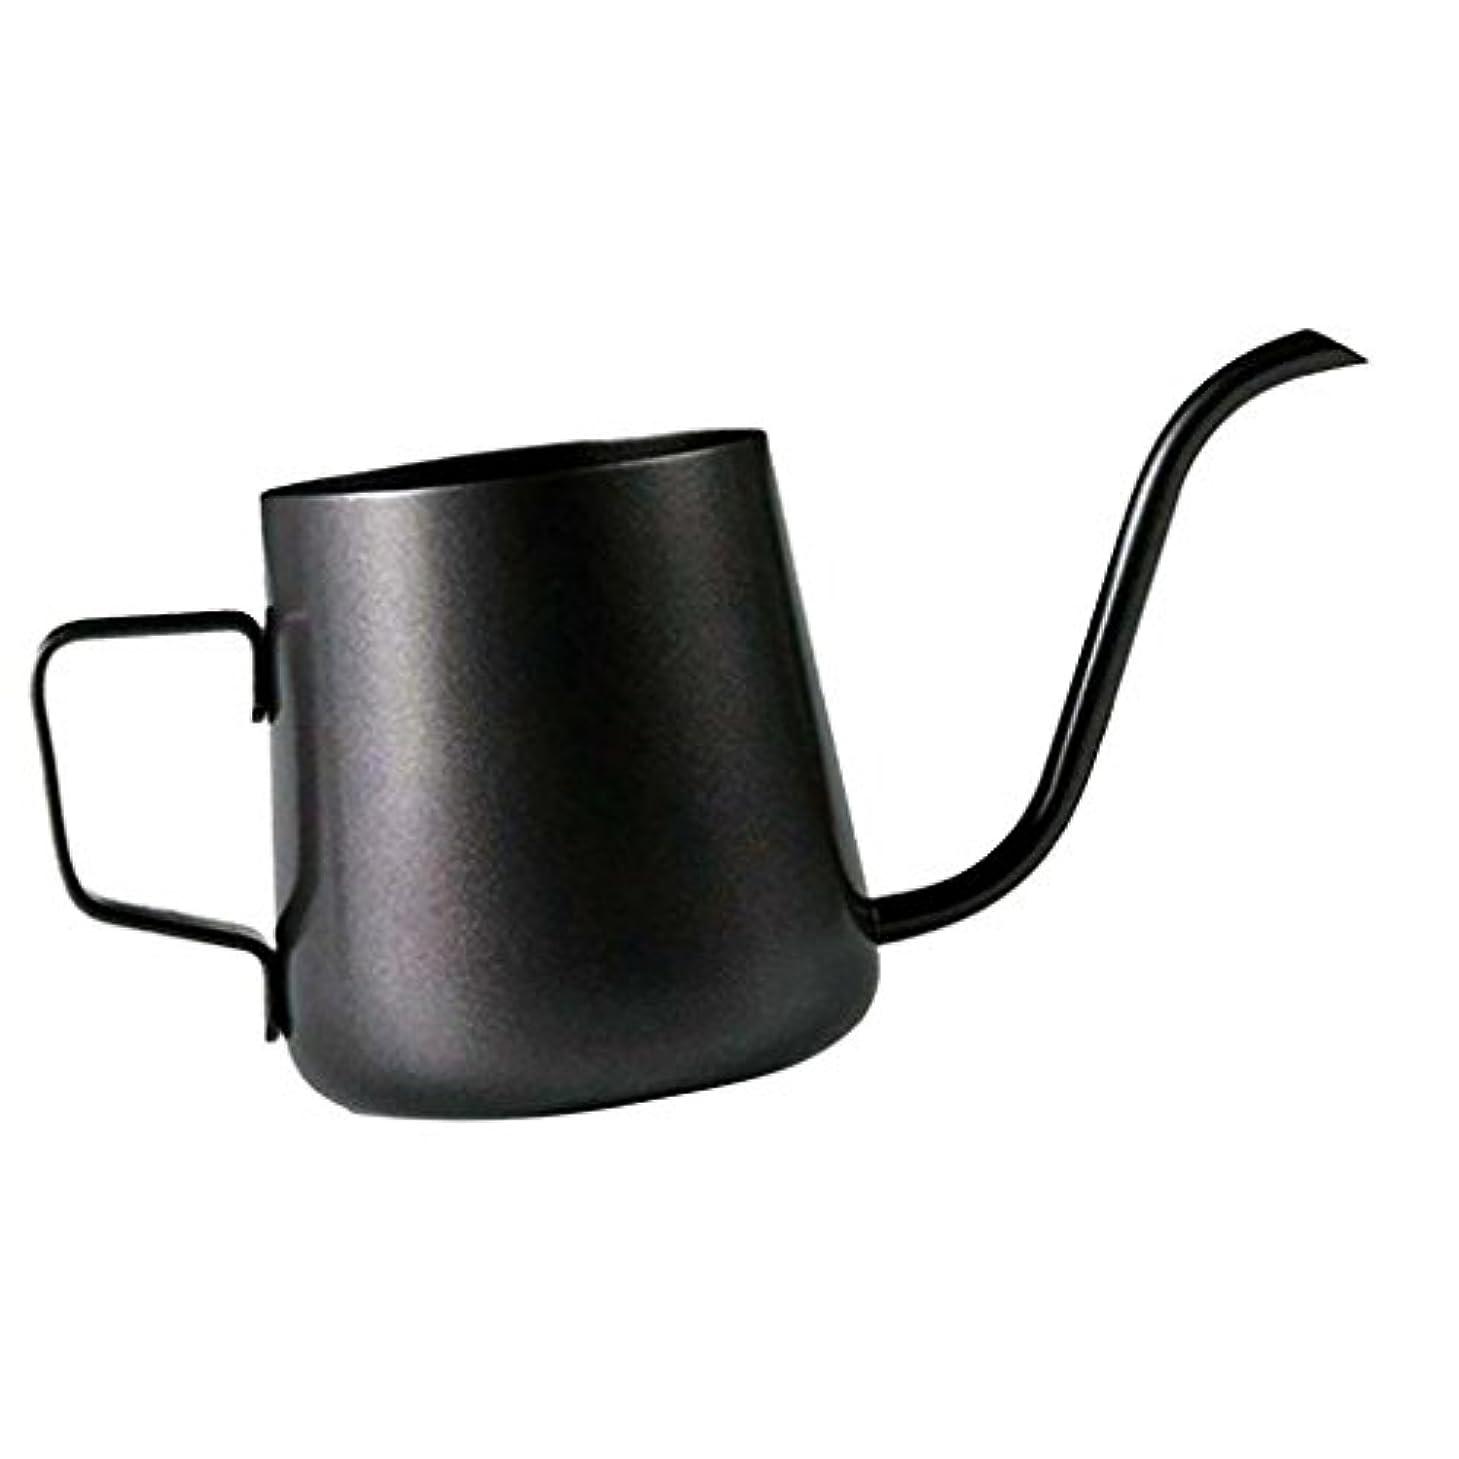 会話鳩フィードオンHomeland コーヒーポット お茶などにも対応 クッキング用品 ステンレス製 エスプレッソポット ケトル - ブラック, 250ミリリットル